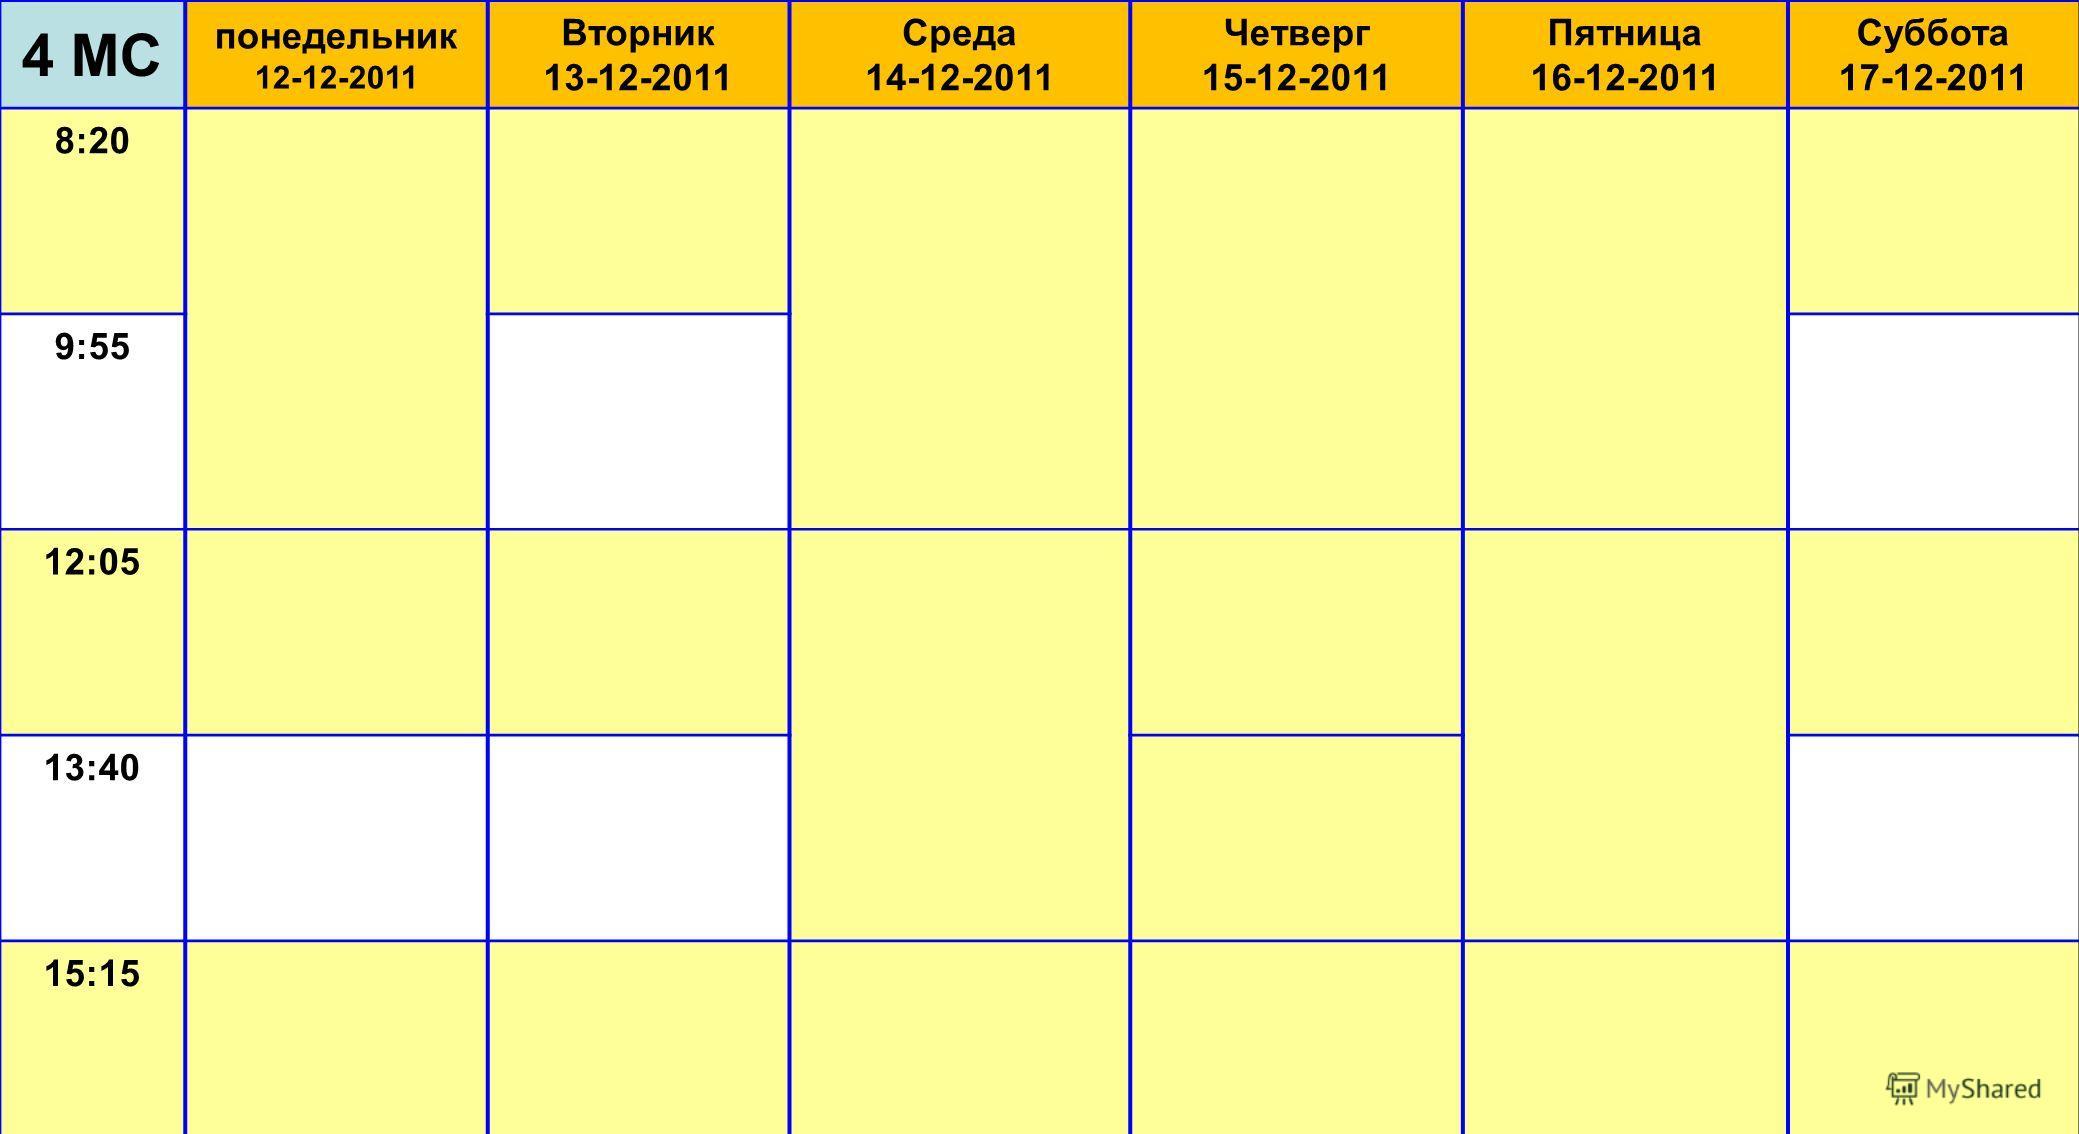 4 МС понедельник 12-12-2011 Вторник 13-12-2011 Среда 14-12-2011 Четверг 15-12-2011 Пятница 16-12-2011 Суббота 17-12-2011 8:20 9:55 12:05 13:40 15:15